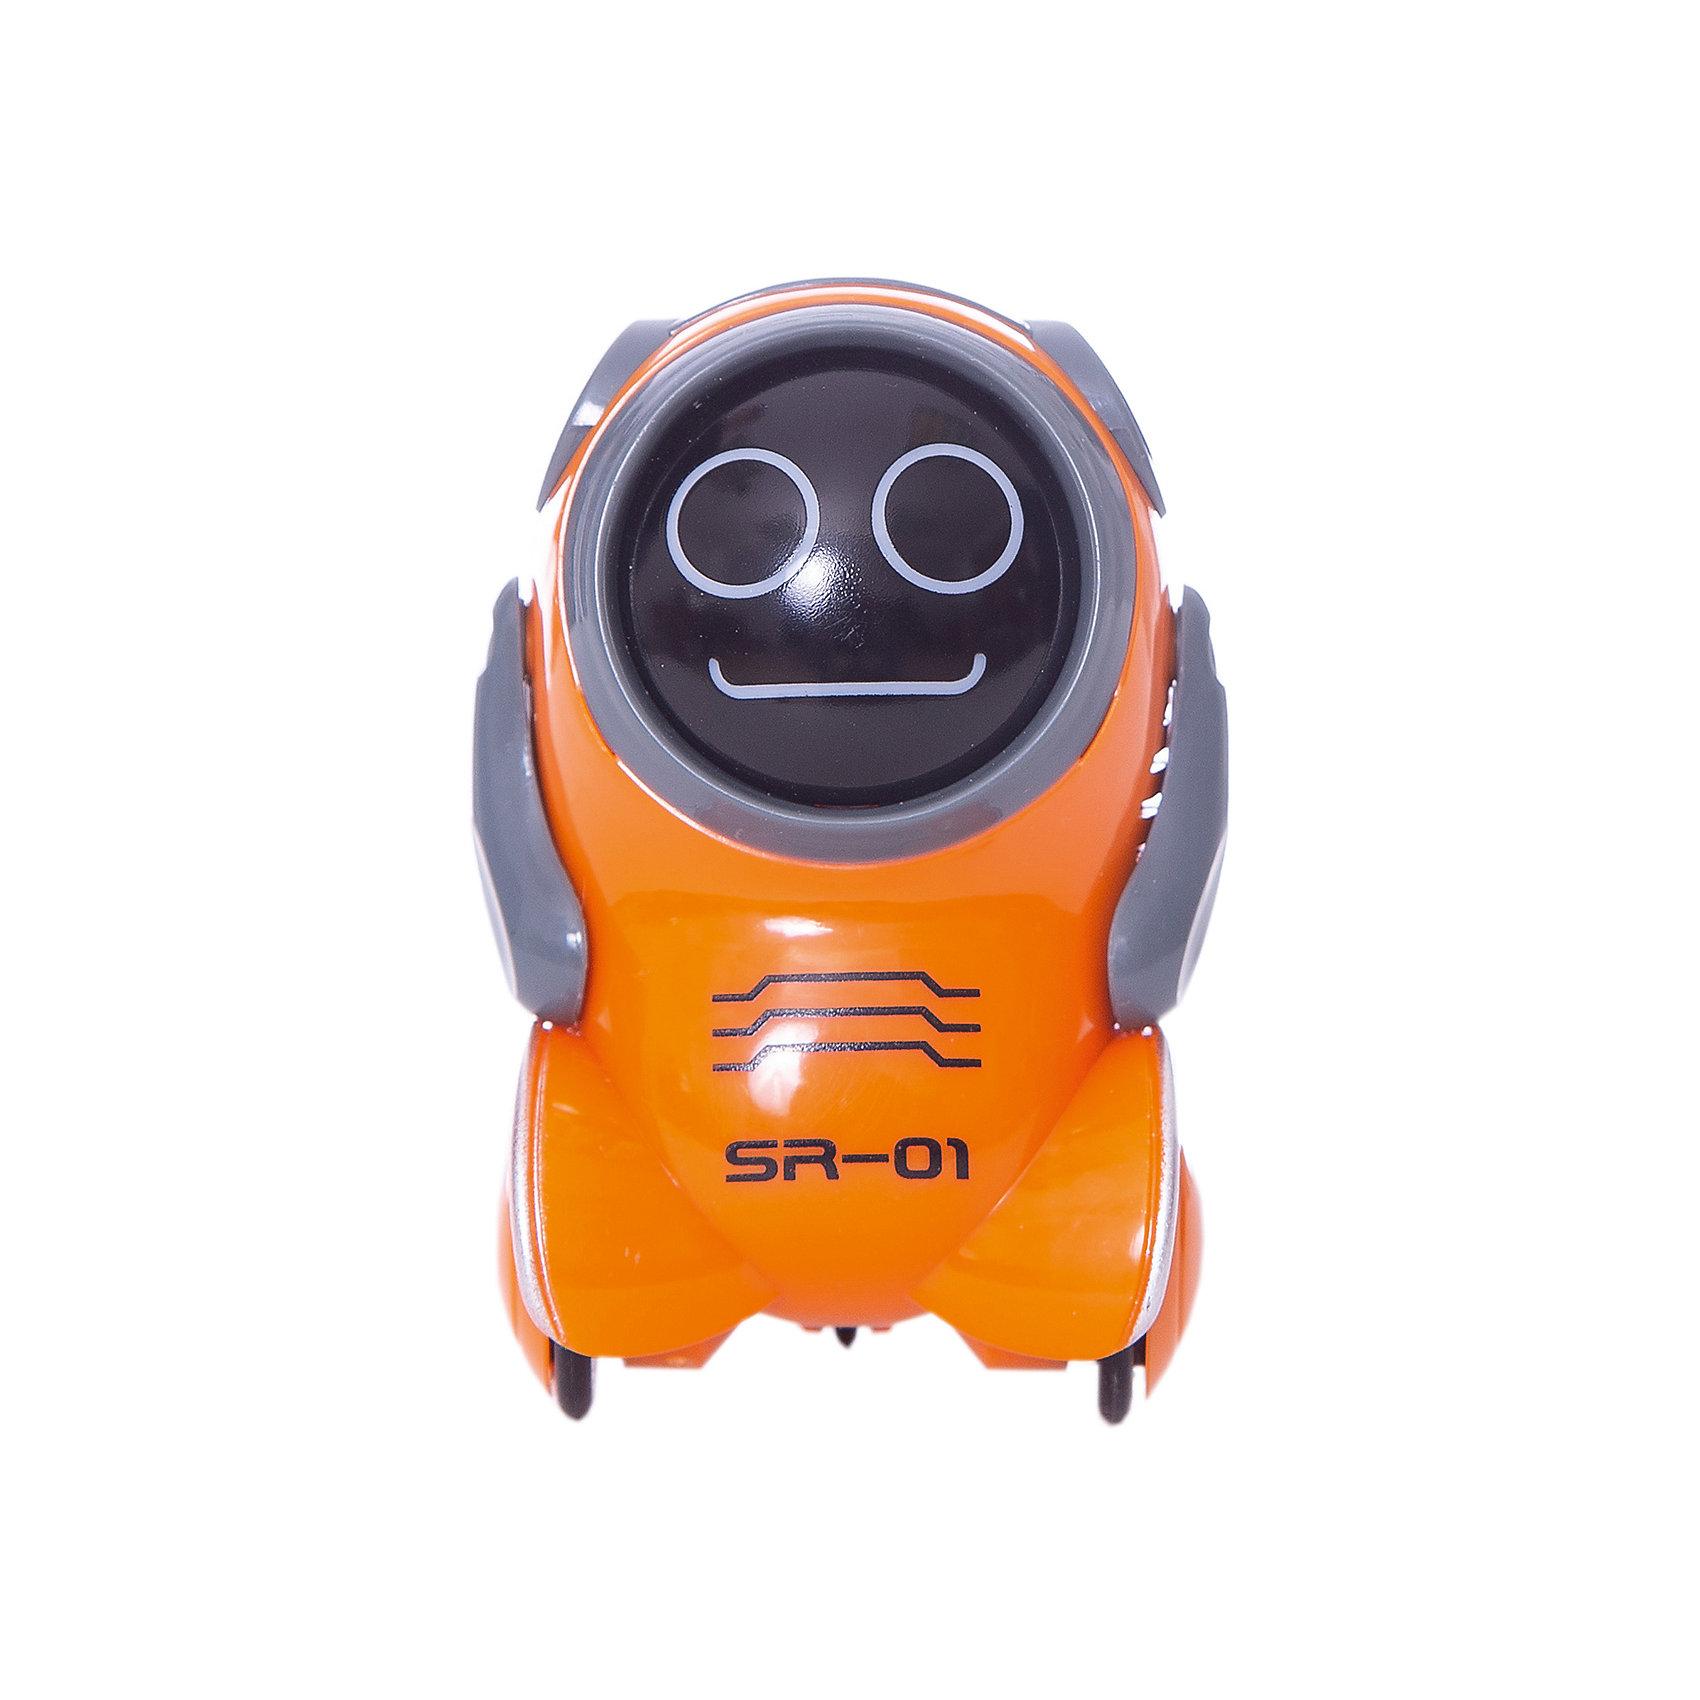 Робот Покибот (Pokibot), SilverlitРоботы<br><br><br>Ширина мм: 380<br>Глубина мм: 430<br>Высота мм: 280<br>Вес г: 763<br>Возраст от месяцев: 36<br>Возраст до месяцев: 144<br>Пол: Мужской<br>Возраст: Детский<br>SKU: 5532621